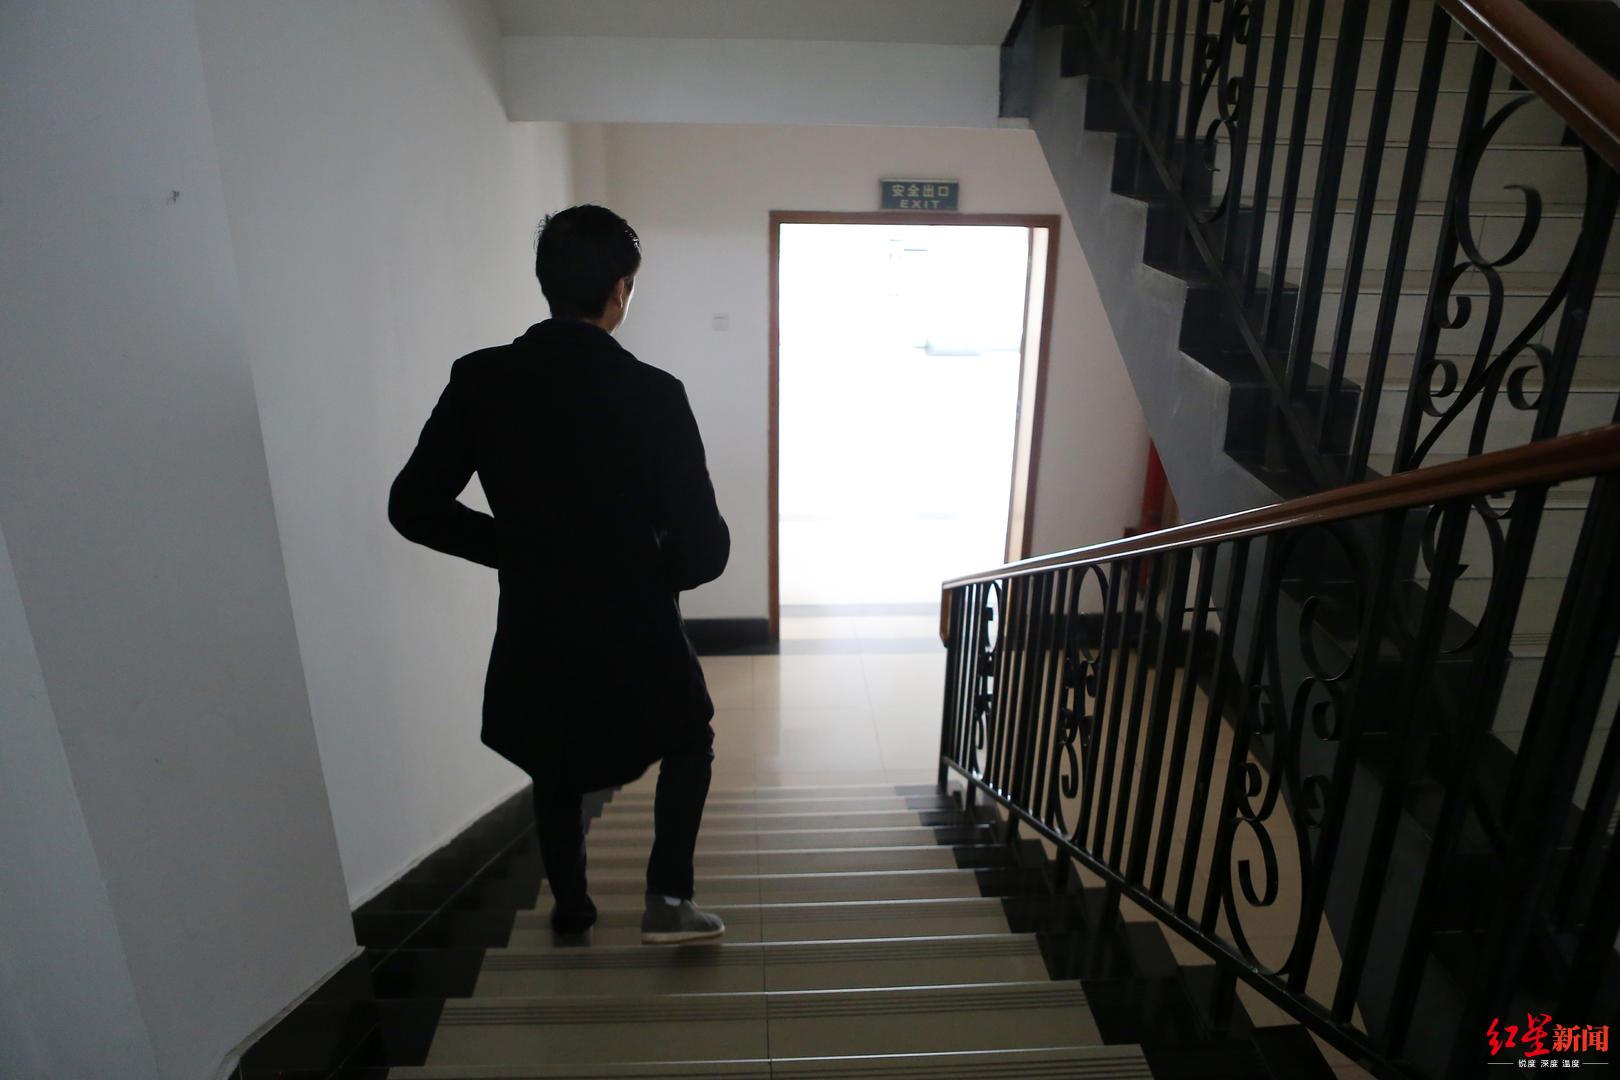 百胜娱乐a - 小米高管大换血:营销灵魂黎万强离职 总裁CFO换人